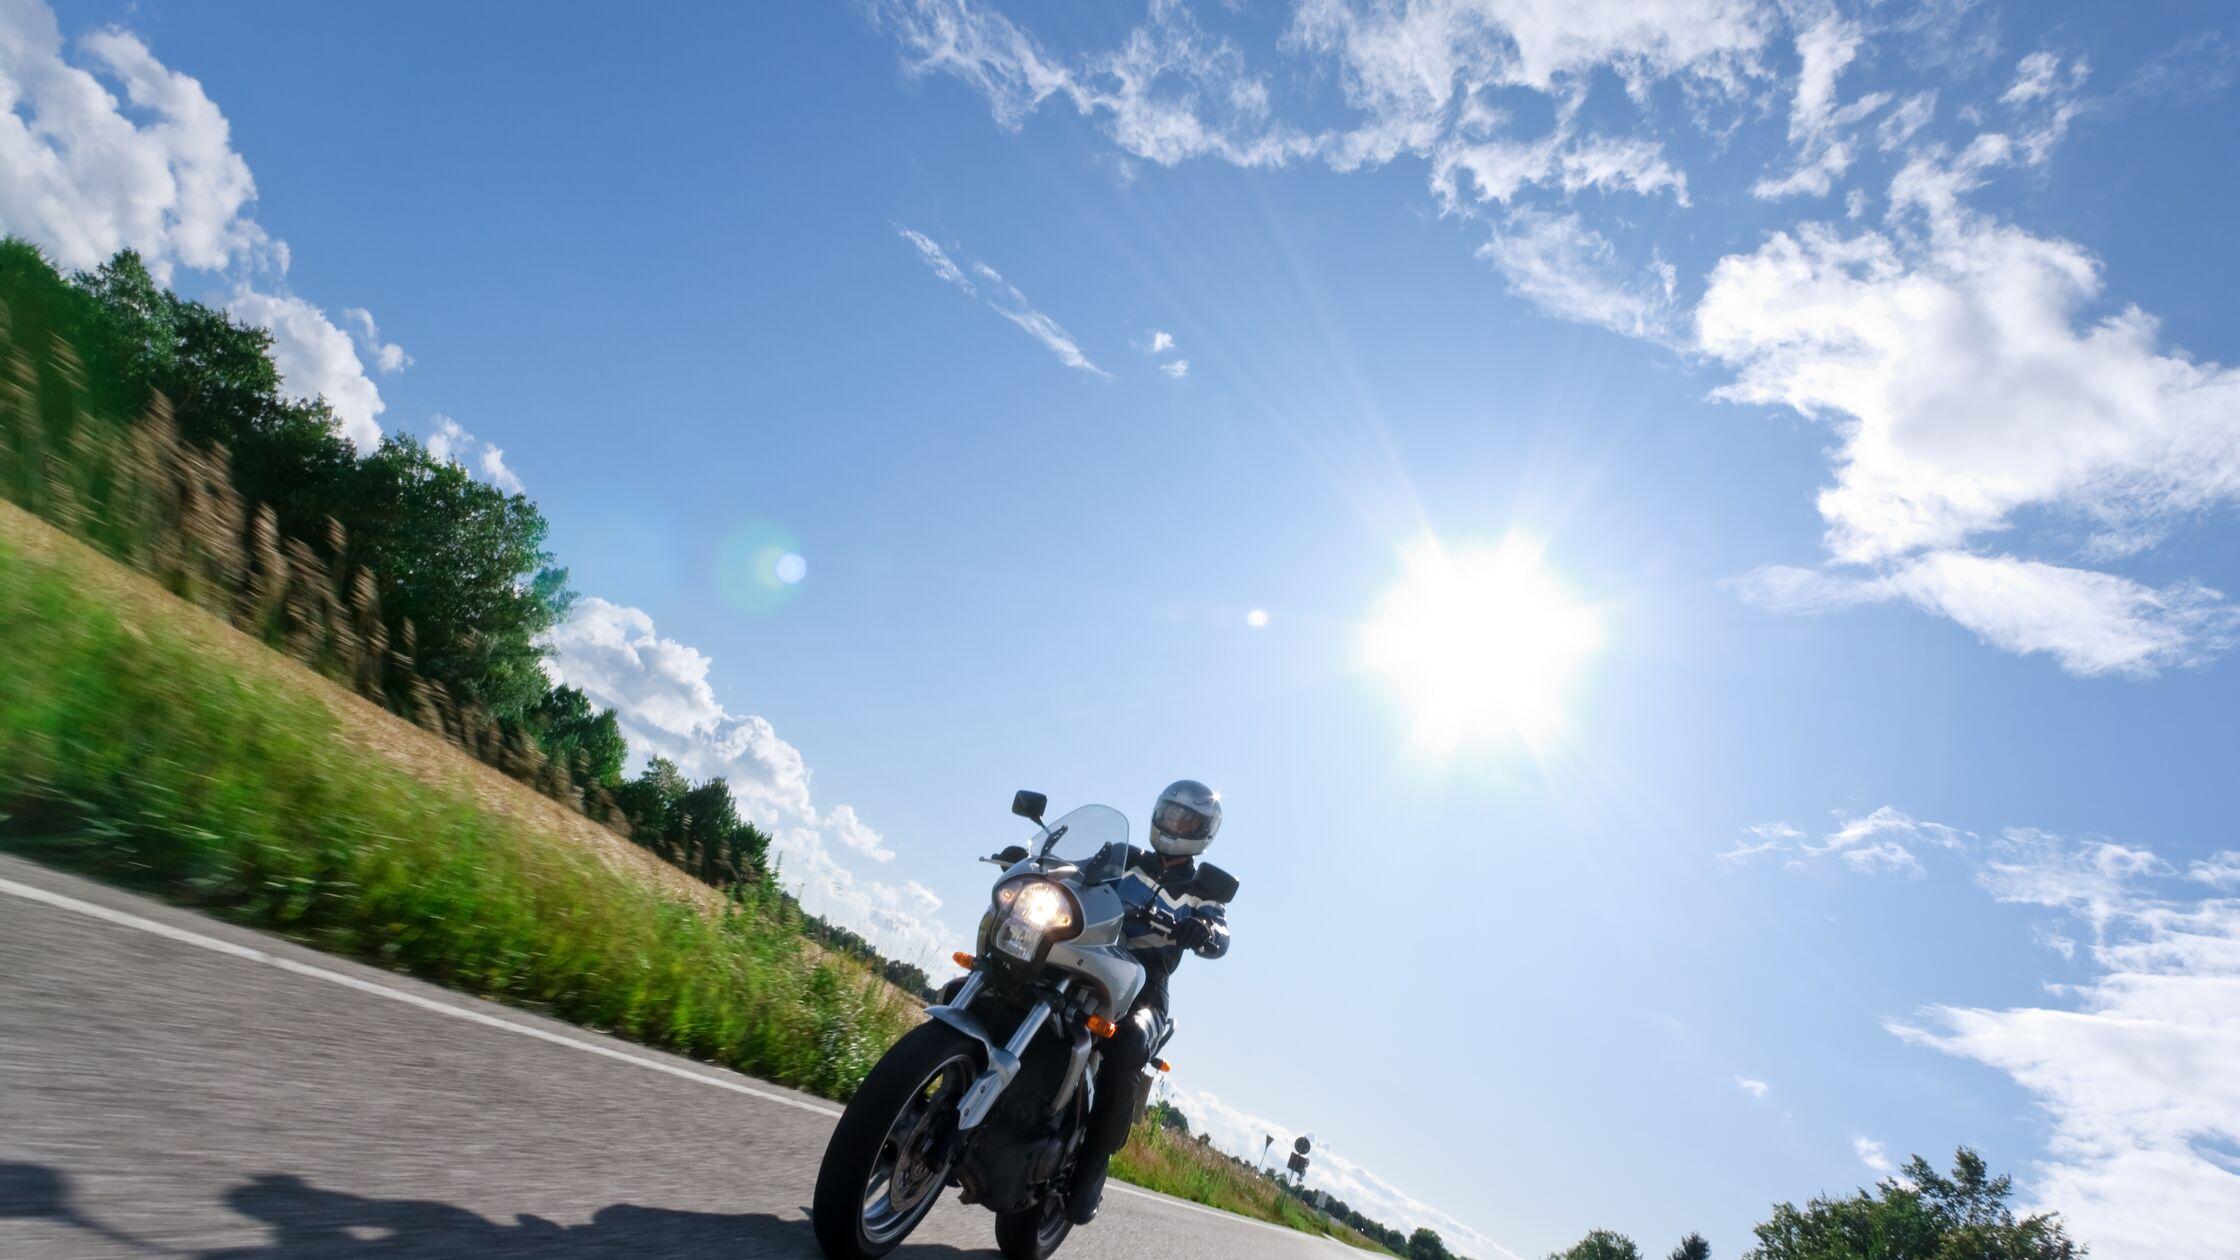 Motorrad transportieren: Sicher Umziehen mit dem PS-starken Zweirad